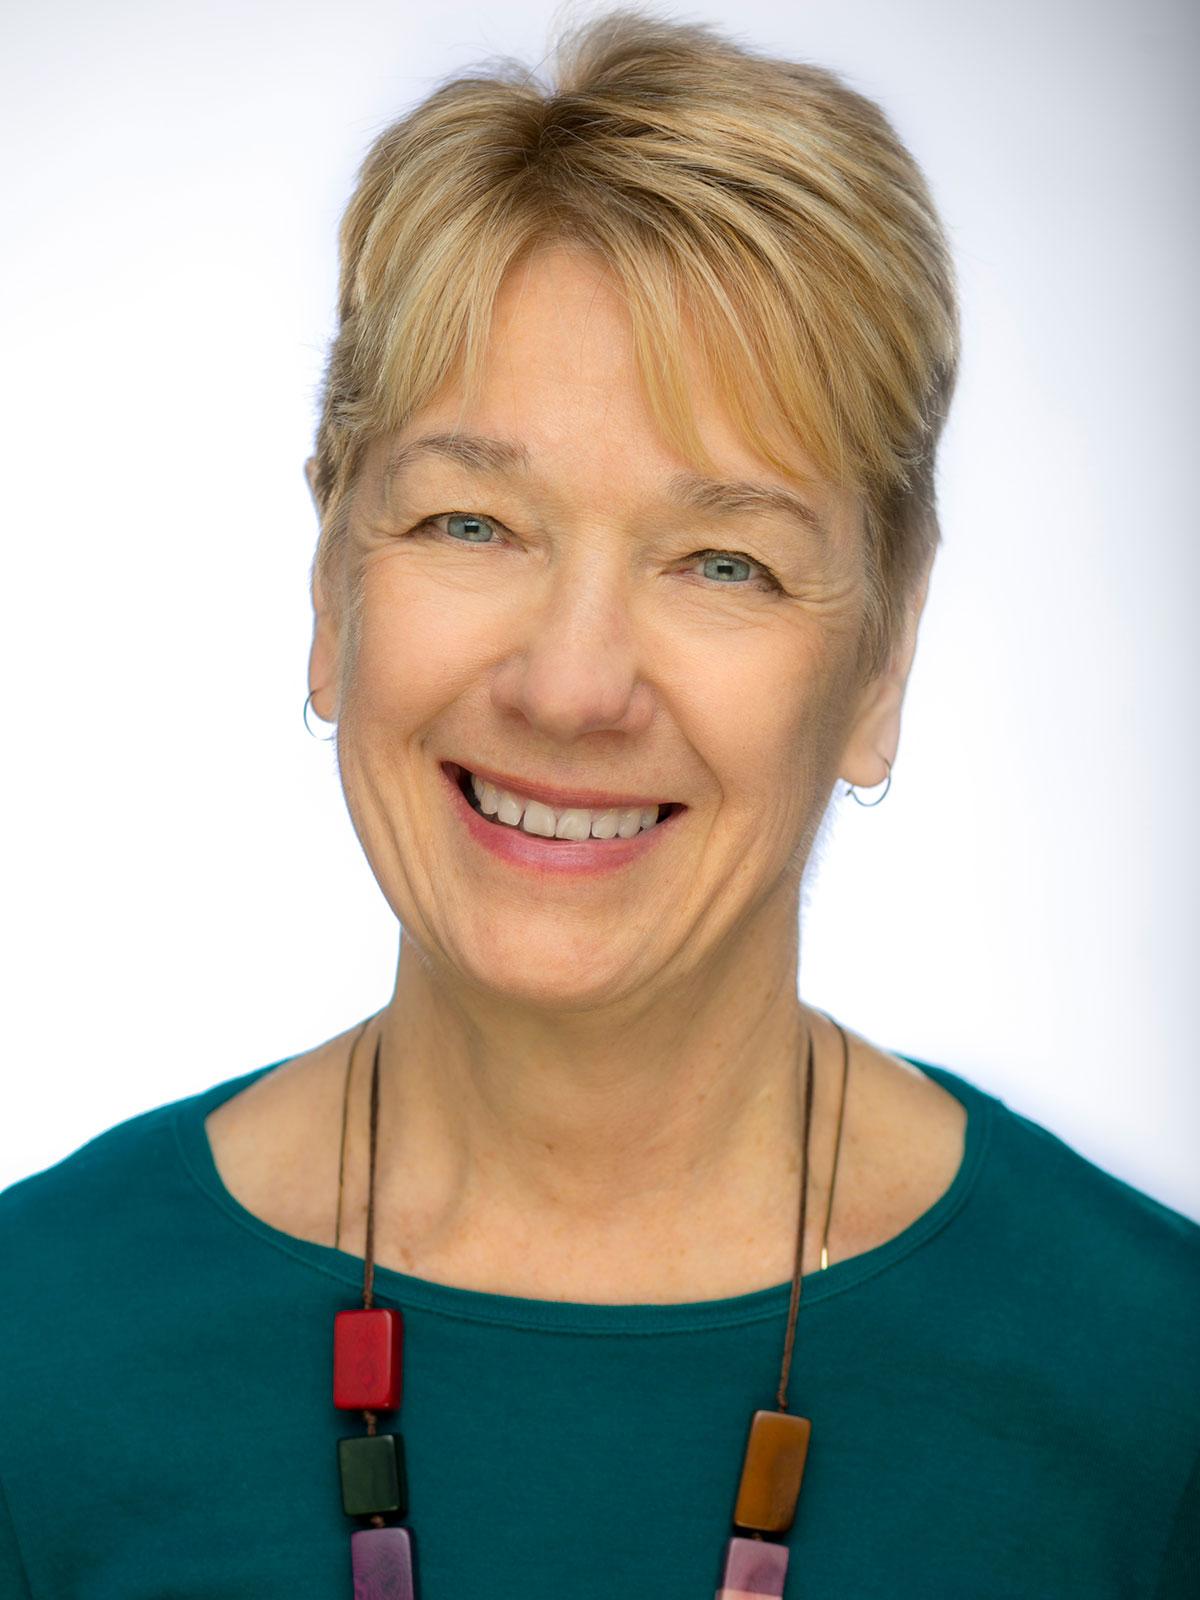 Deborah Jakubs, Ph.D.